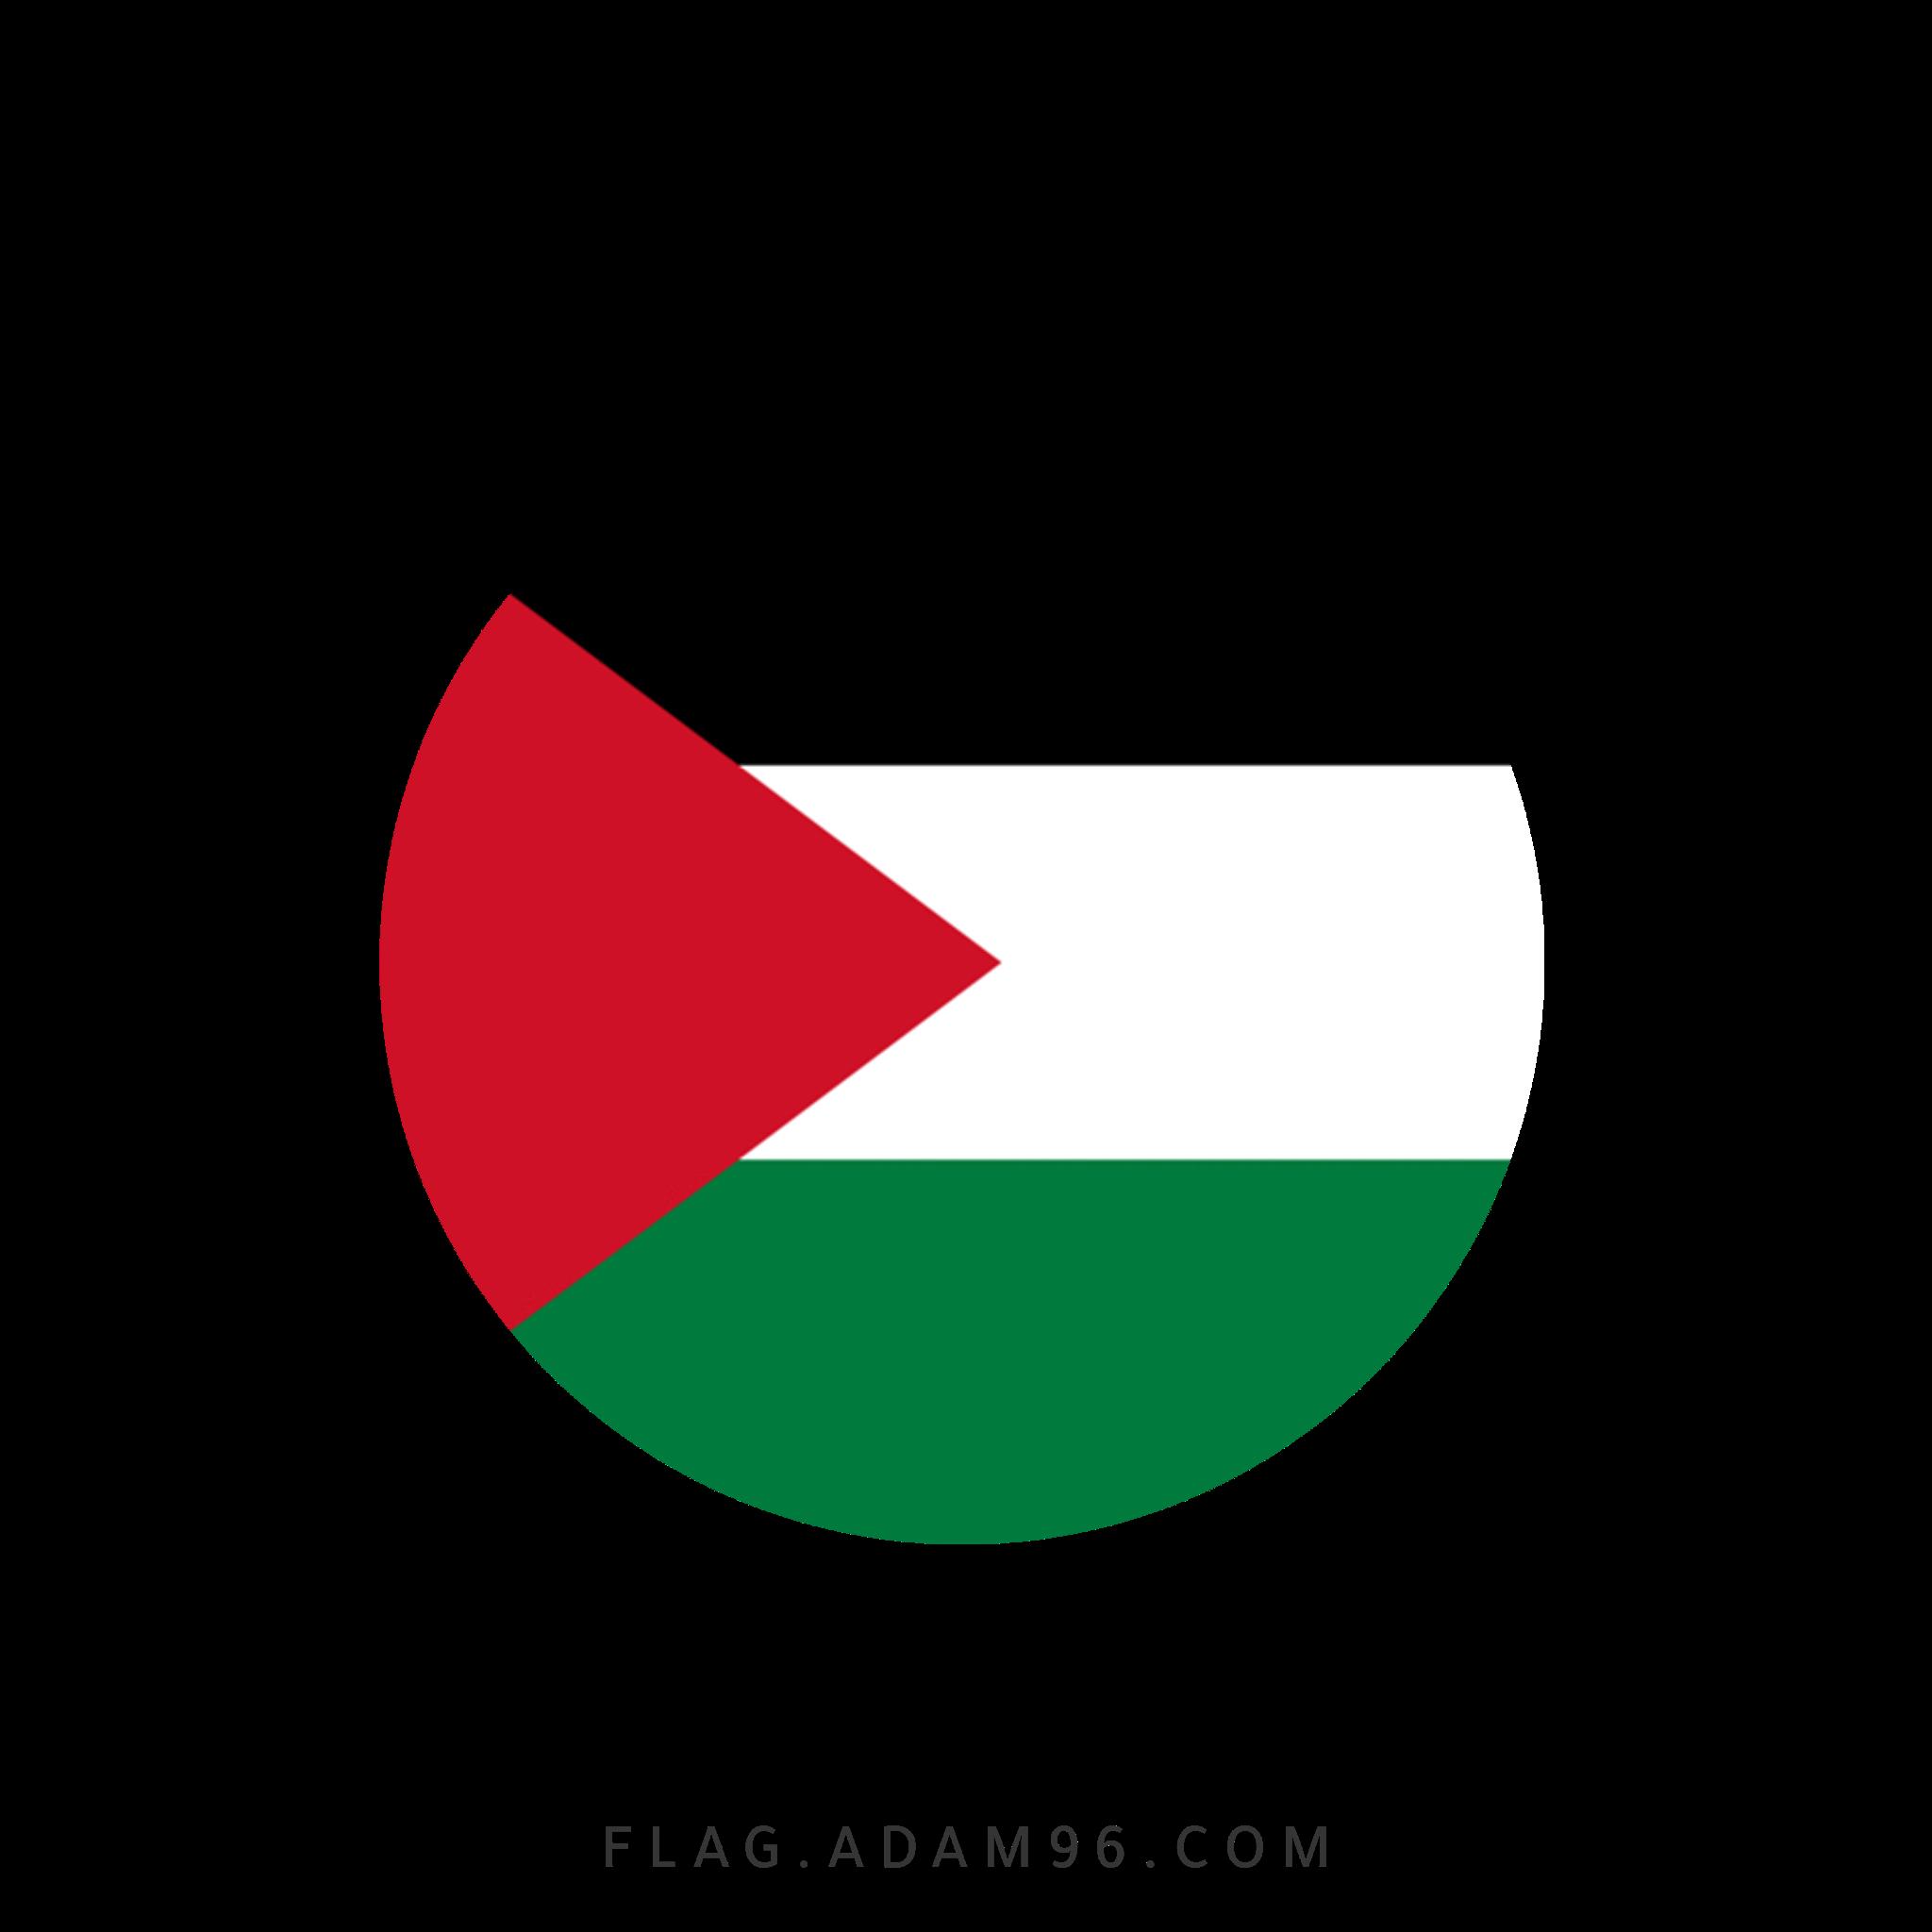 تحميل علم فلسطين بشكل دائري للتصميم خلفيات علم فلسطين للتصميم بصيغة PNG